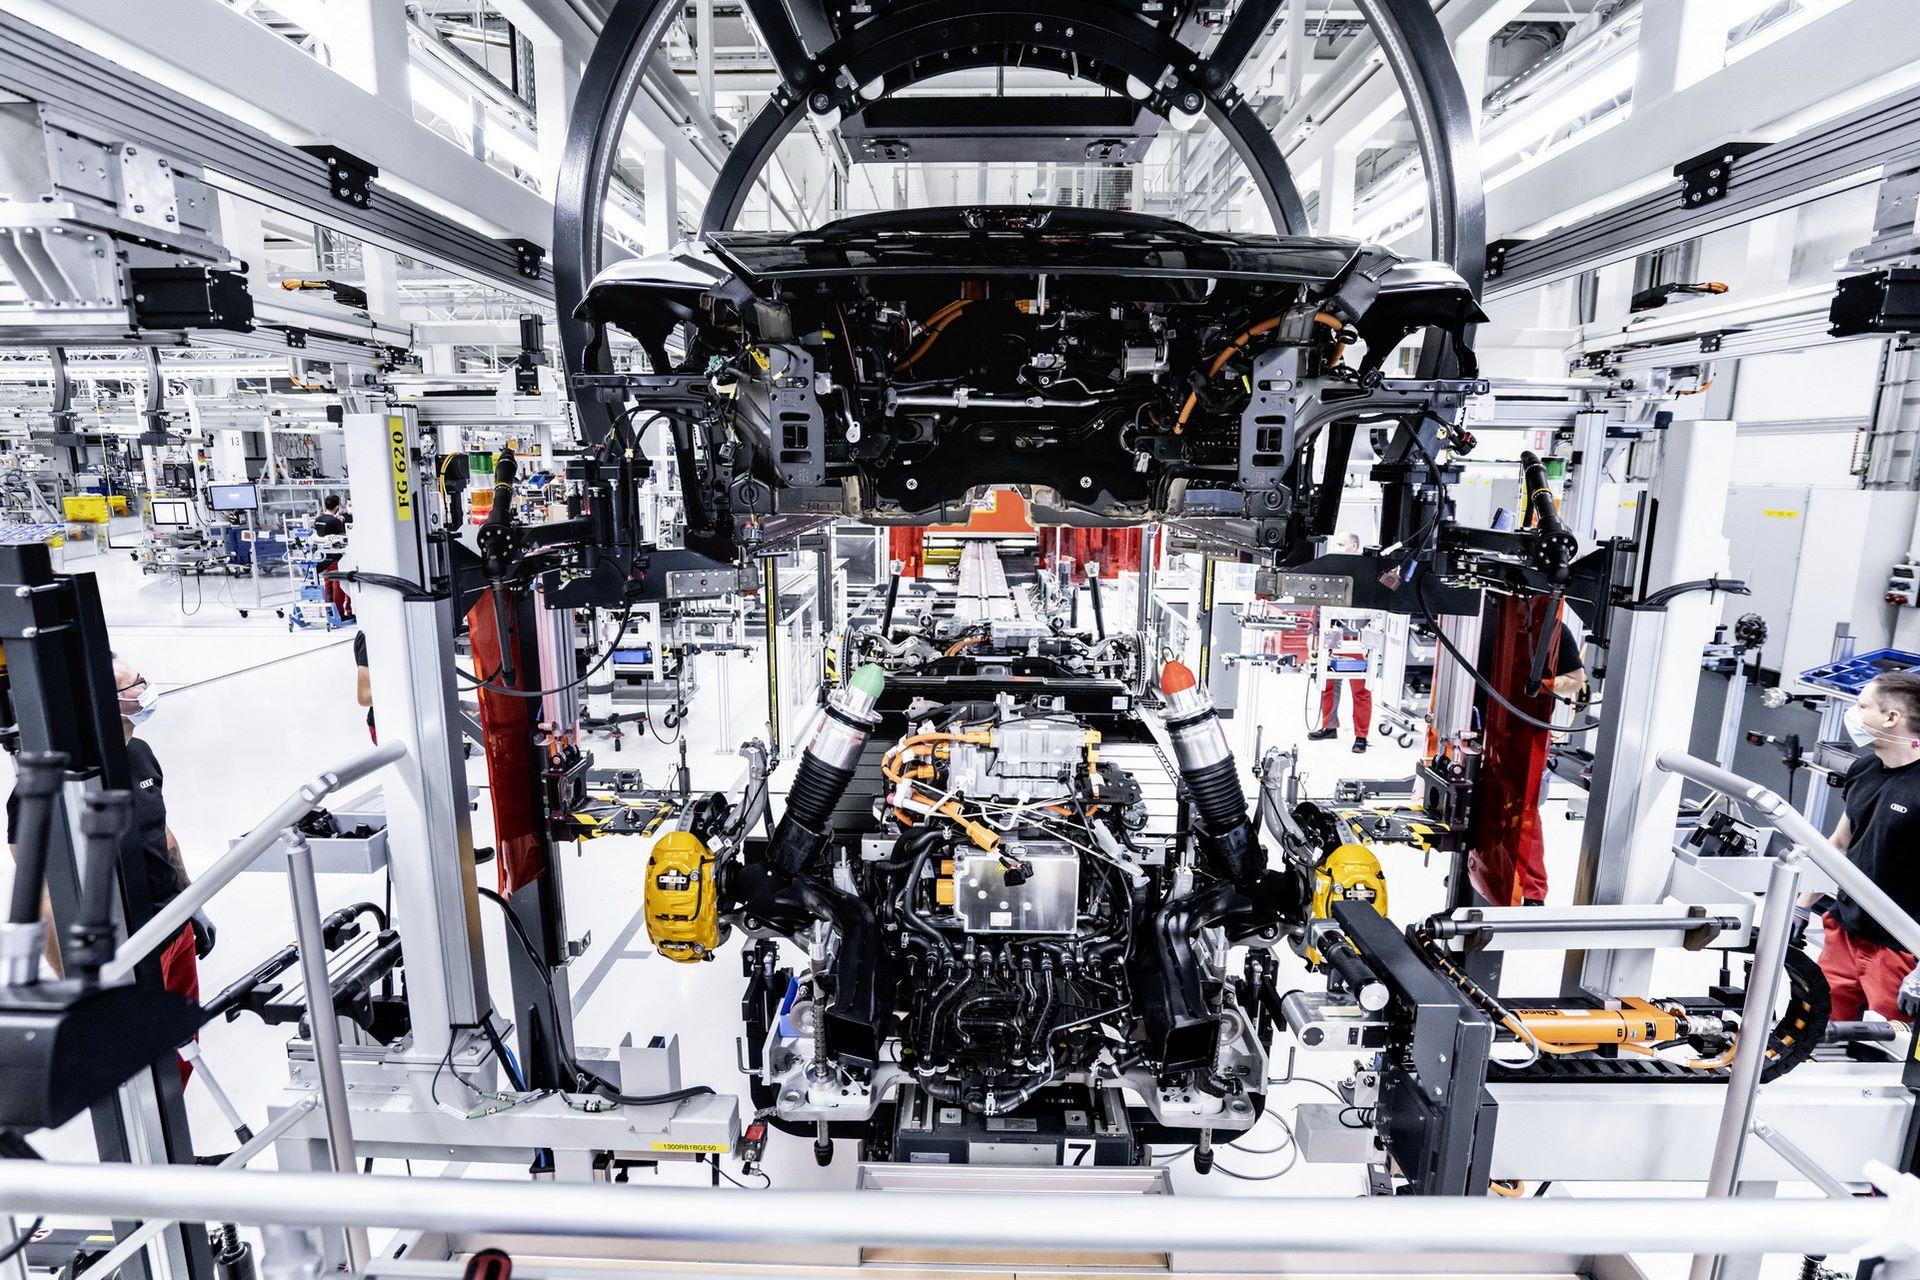 2022-Audi-e-tron-GT-plant-7